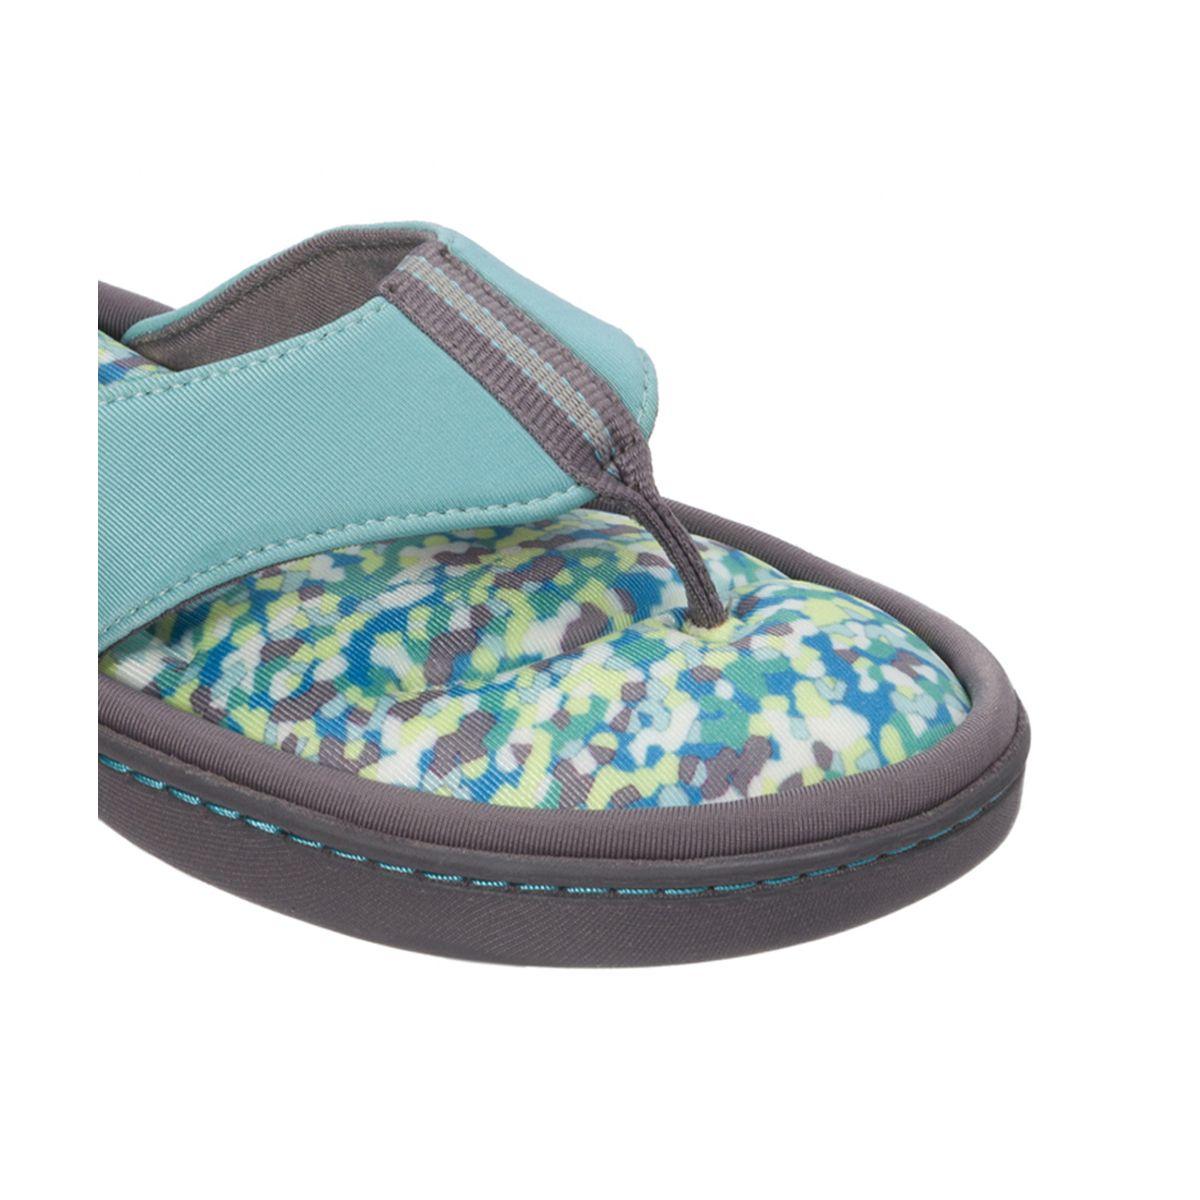 Dearfoams Active Flip Flop with Memory Foam Blue Reptide